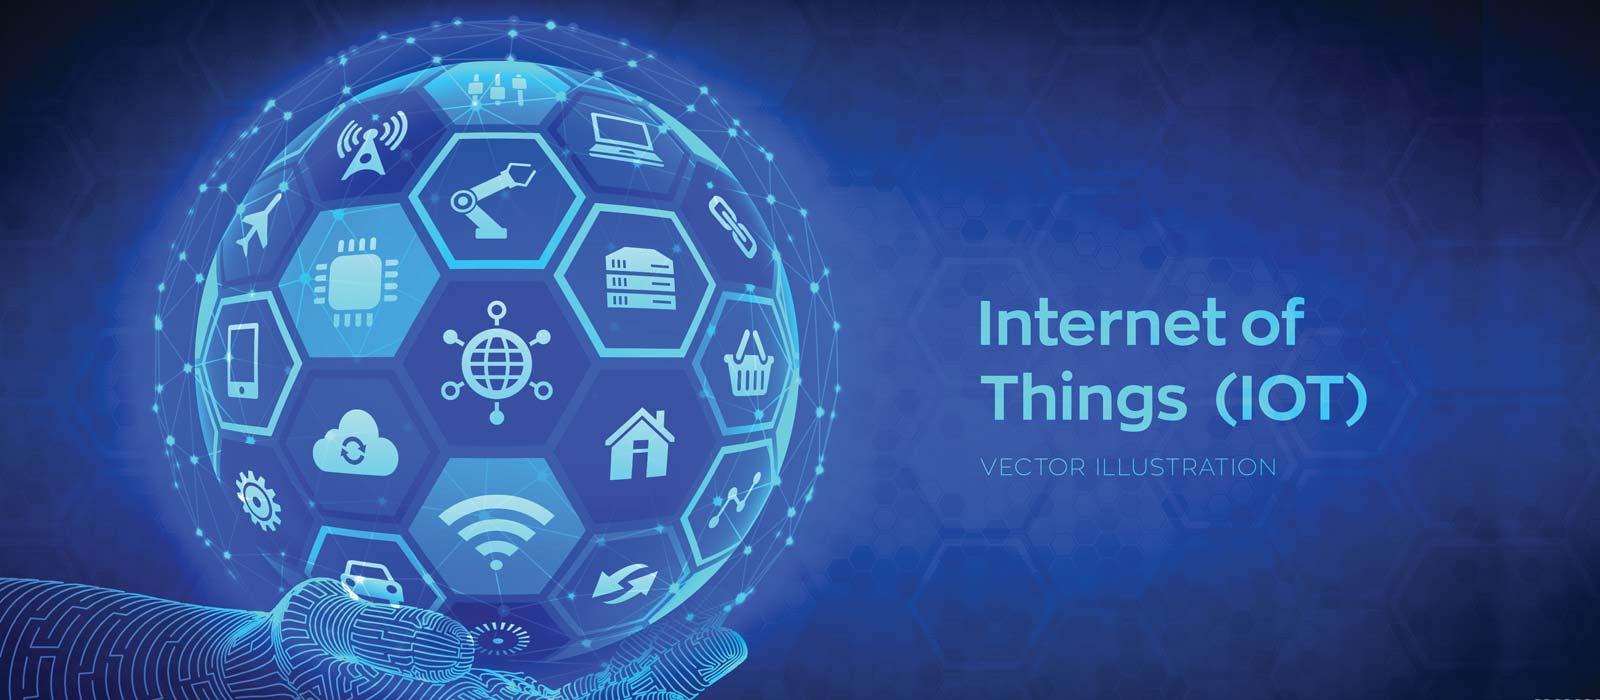 Trends in IoT